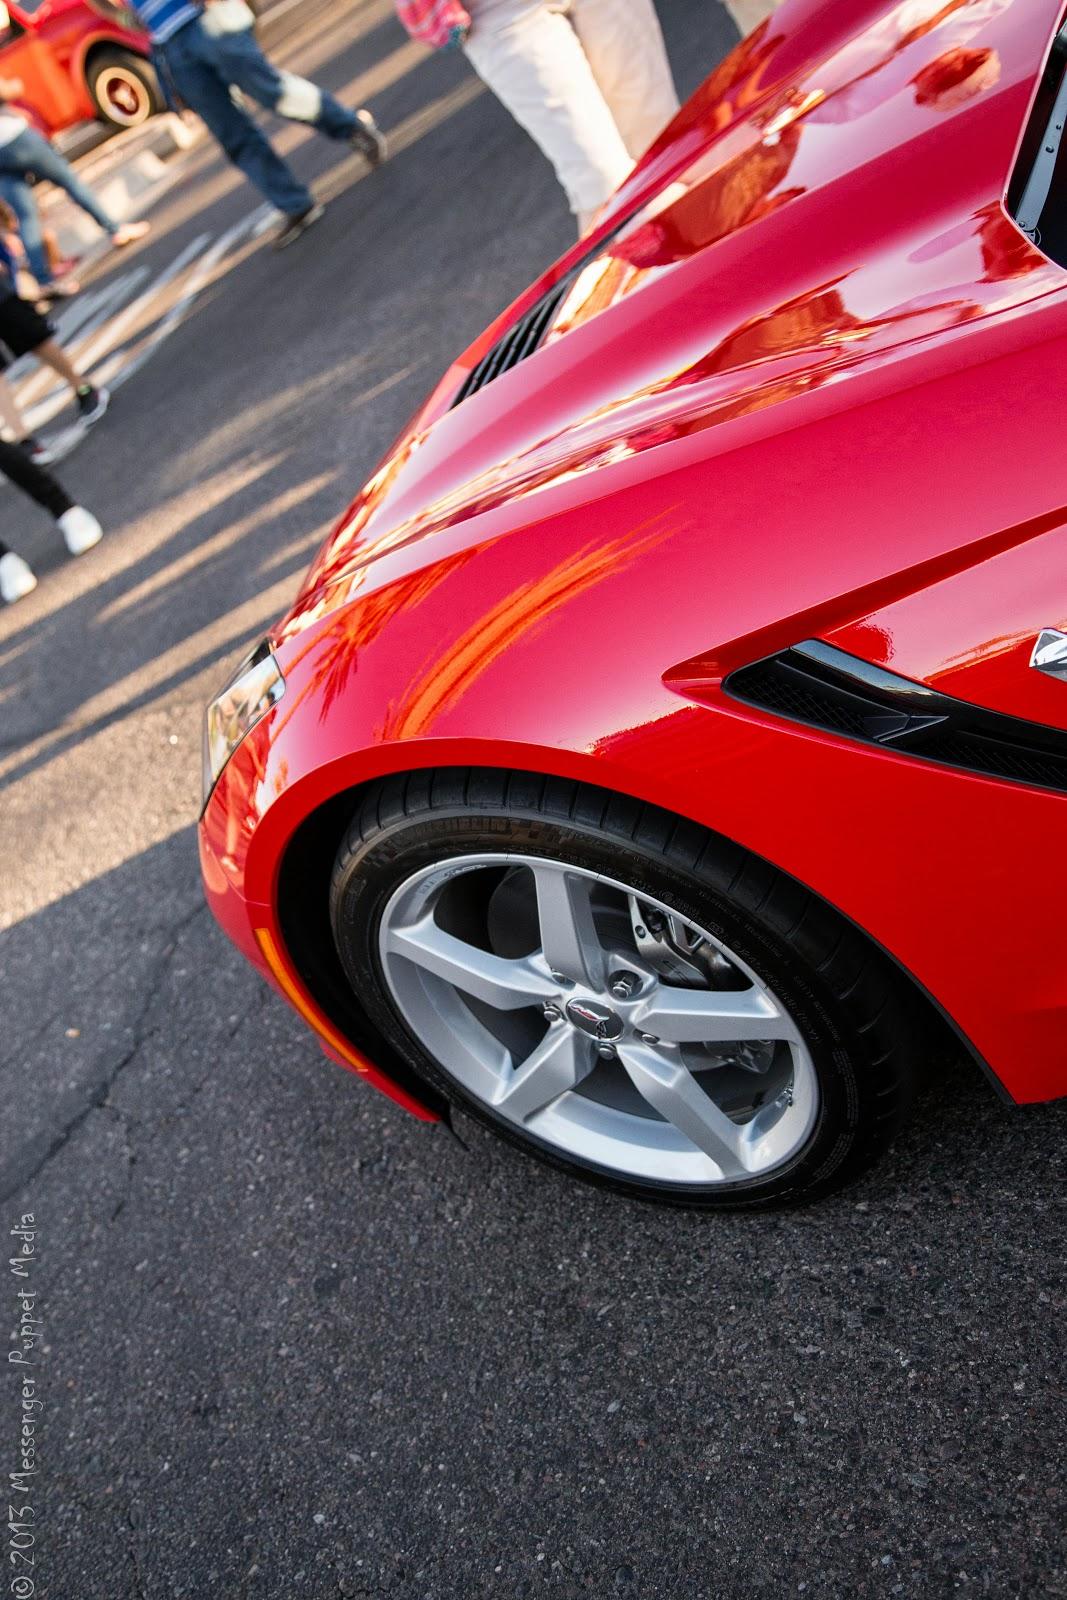 2014 Chevrolet Corvette C7 stingray